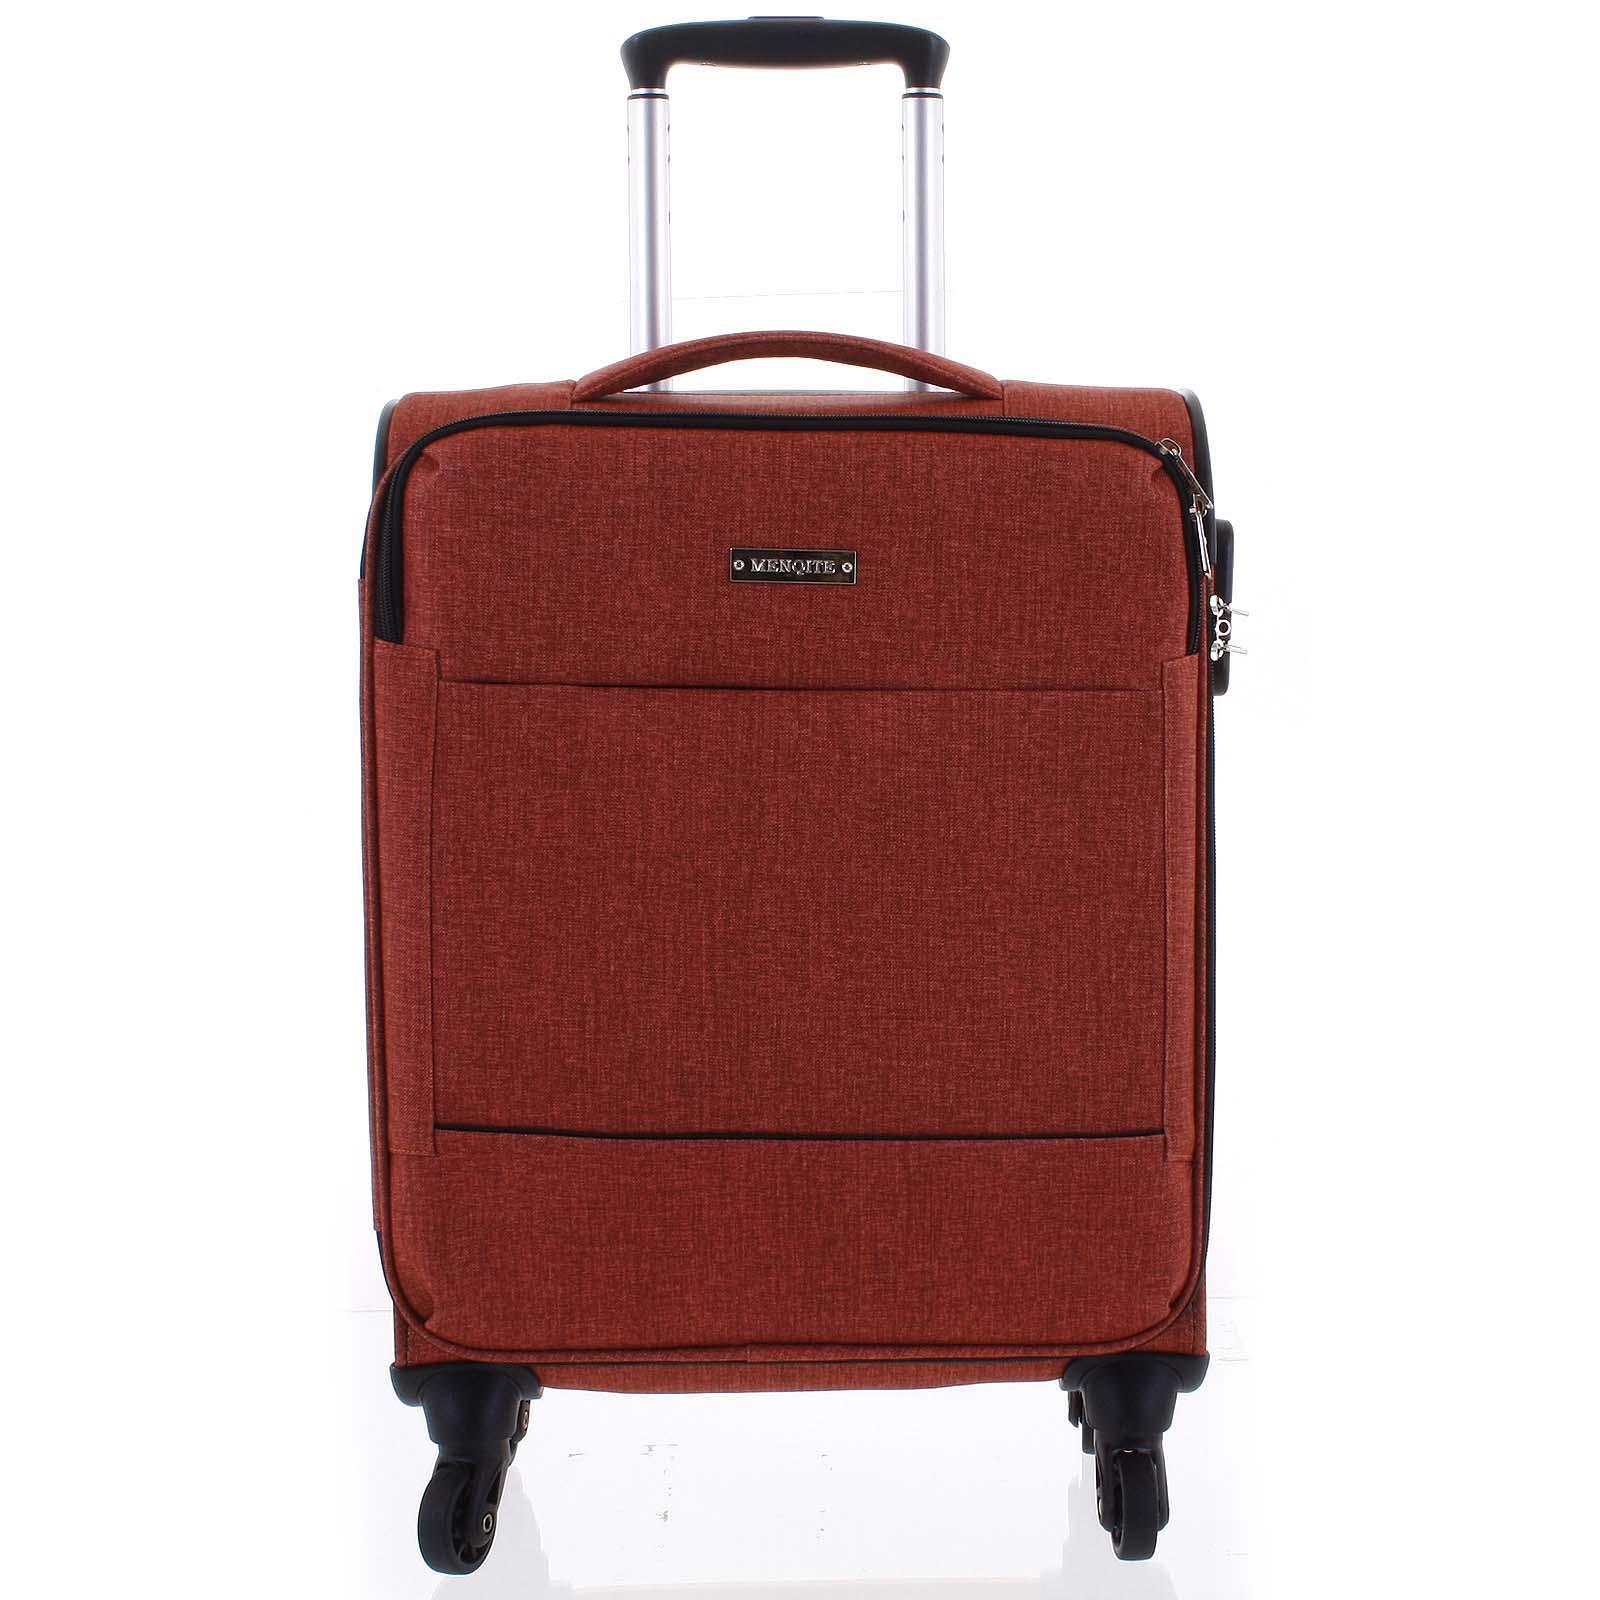 Odlehčený cestovní kufr malinově červený - Menqite Kisar L